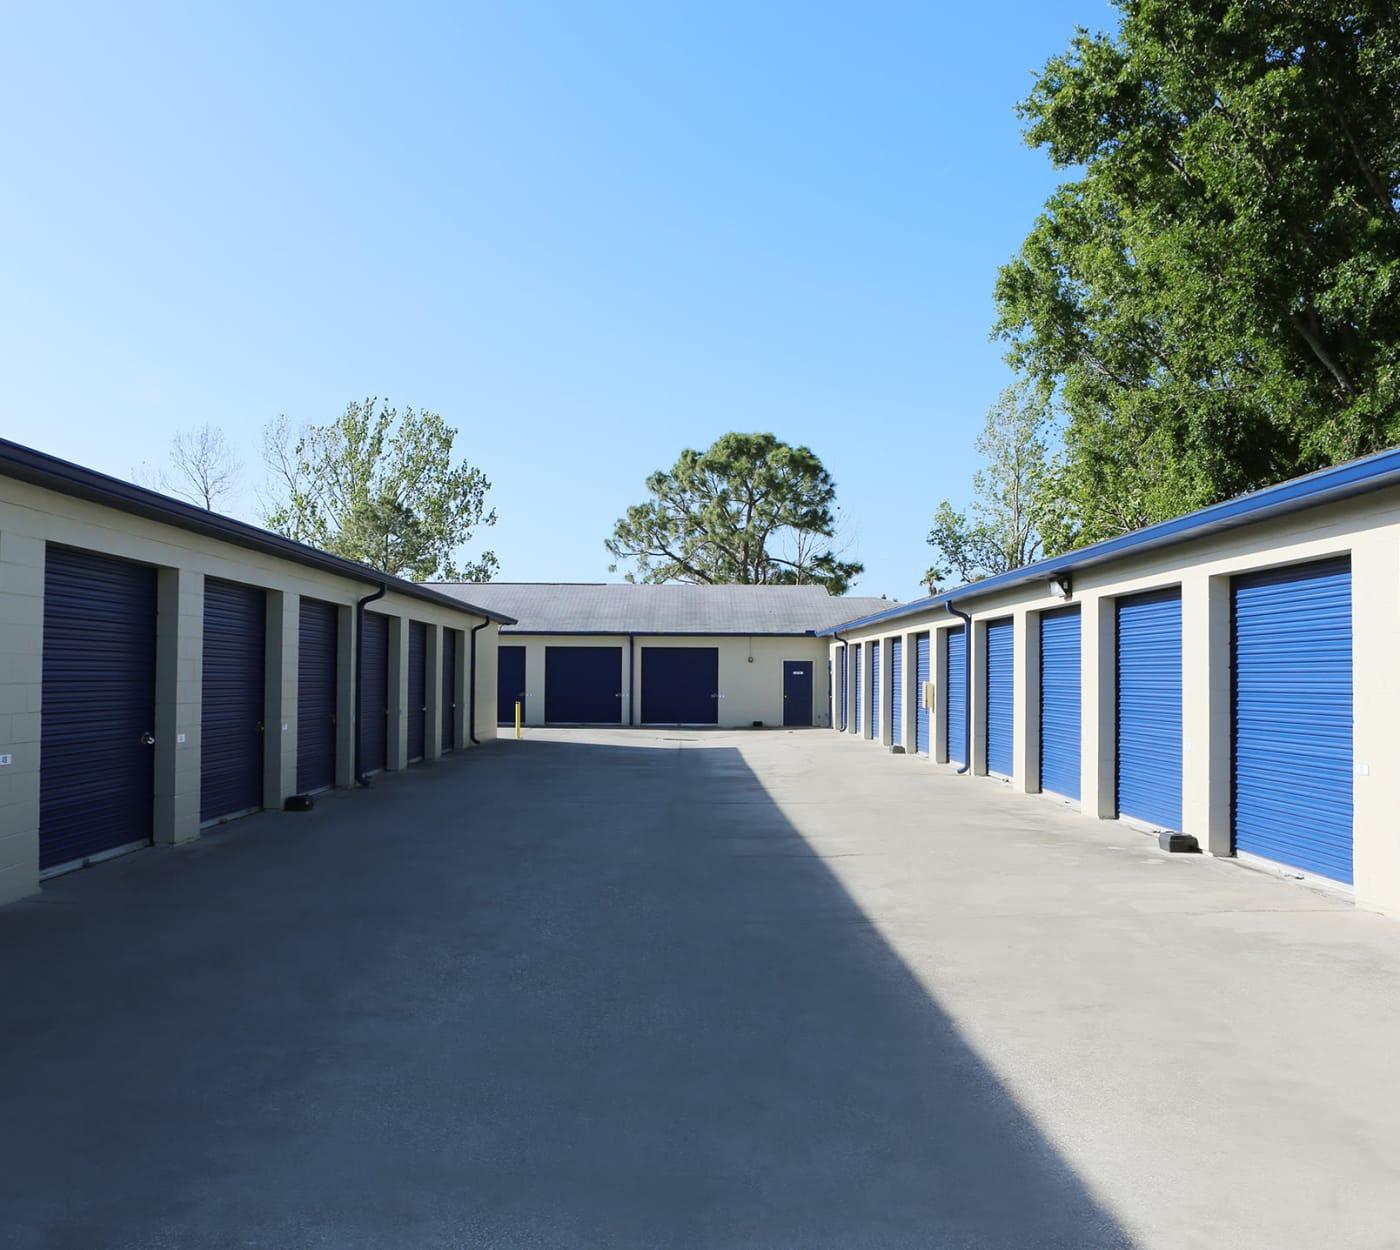 Ground-floor unit at Midgard Self Storage in Tanner, Alabama